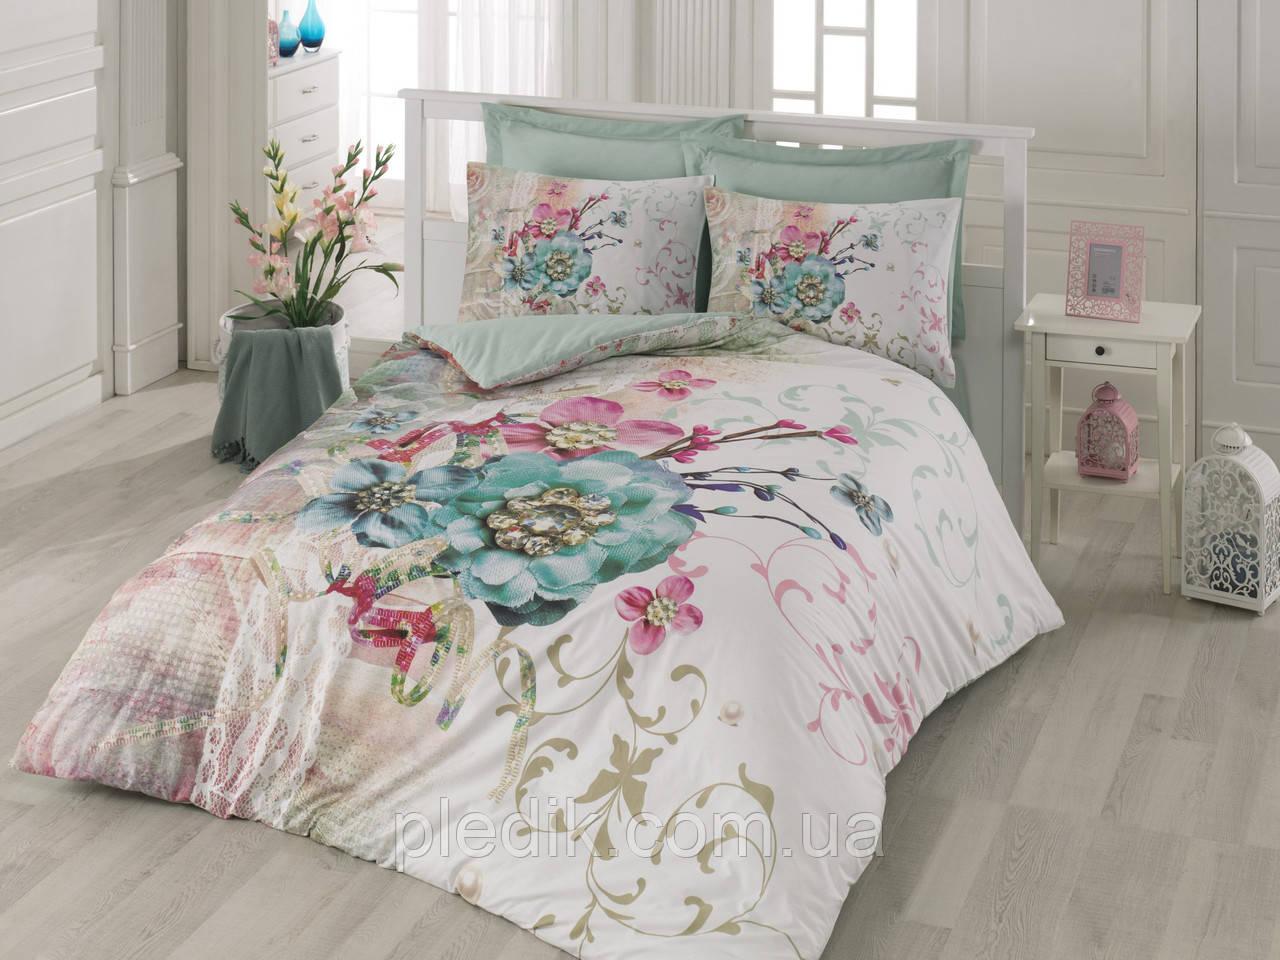 Двуспальное постельное белье 200х220 Cotton box 3D Ранфорс NORMA TURKUAZ